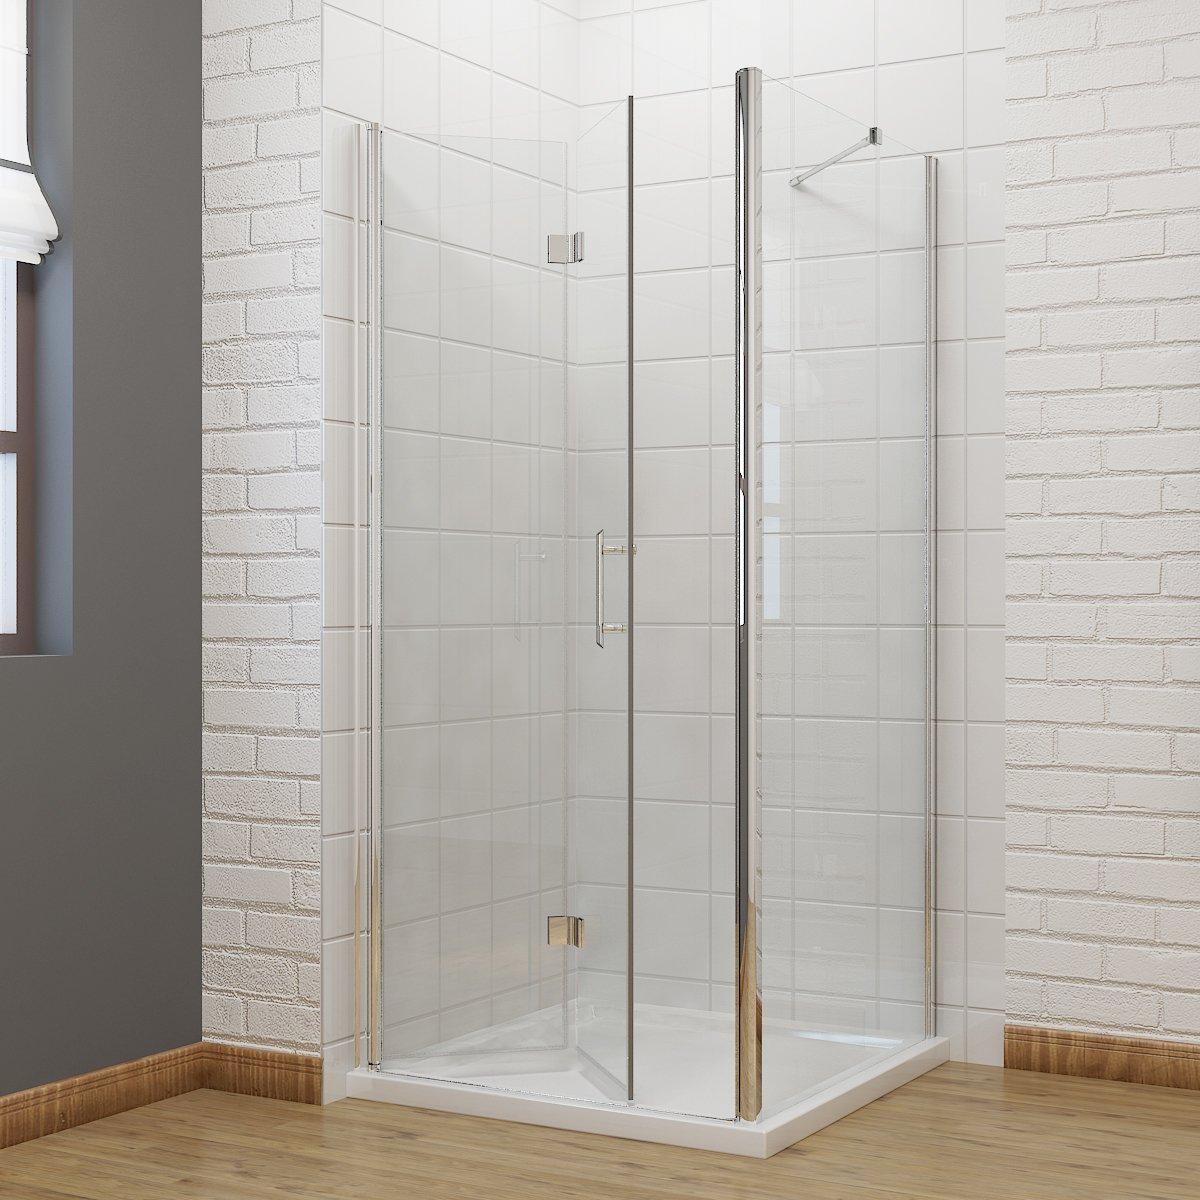 900 x 700 mm Bifold Shower Enclosure Glass Shower Door Reversible ...